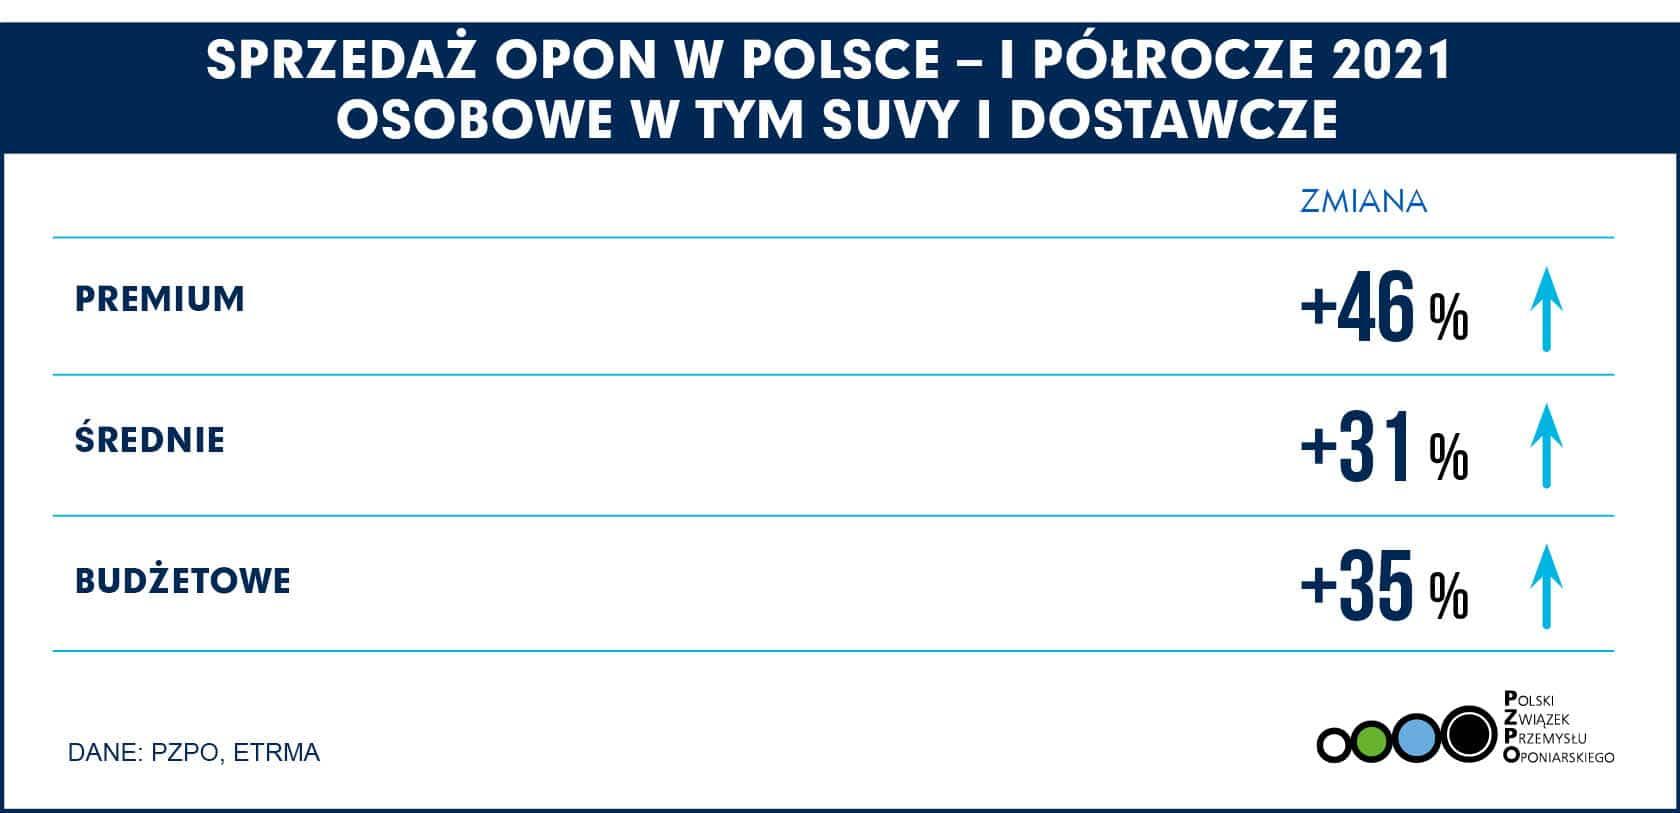 PL Polska – Klasy opon H1 2021